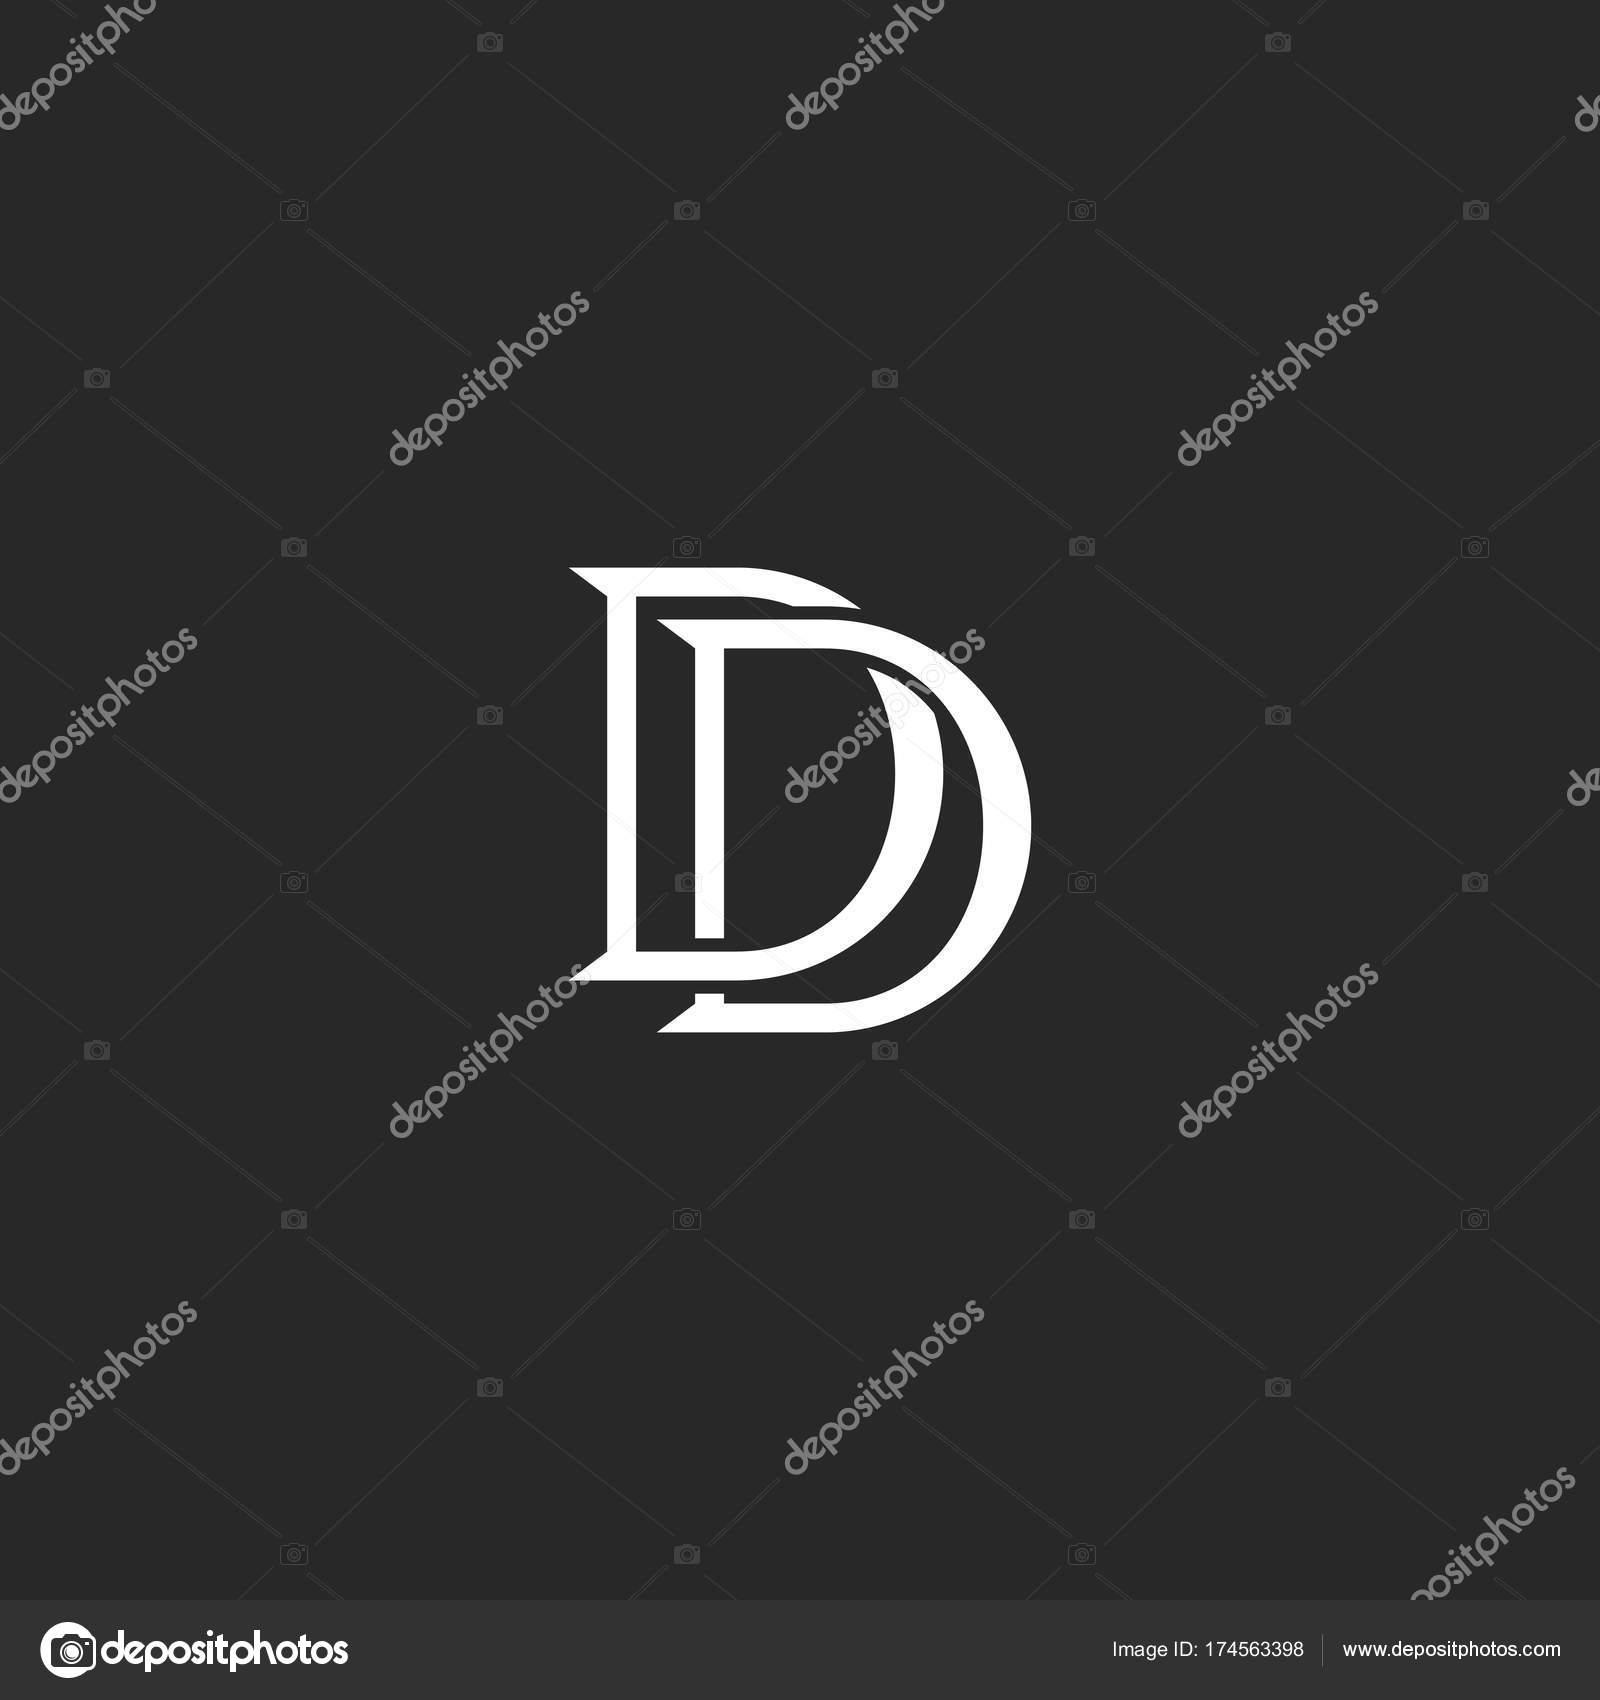 Briefe Initialen Dd Monogramm Weberei Schwarzen Und Weißen Linien Logostil,  Mark Kombination Zwei Buchstaben D Hochzeit Einladung Schriftzug Typografie  ...